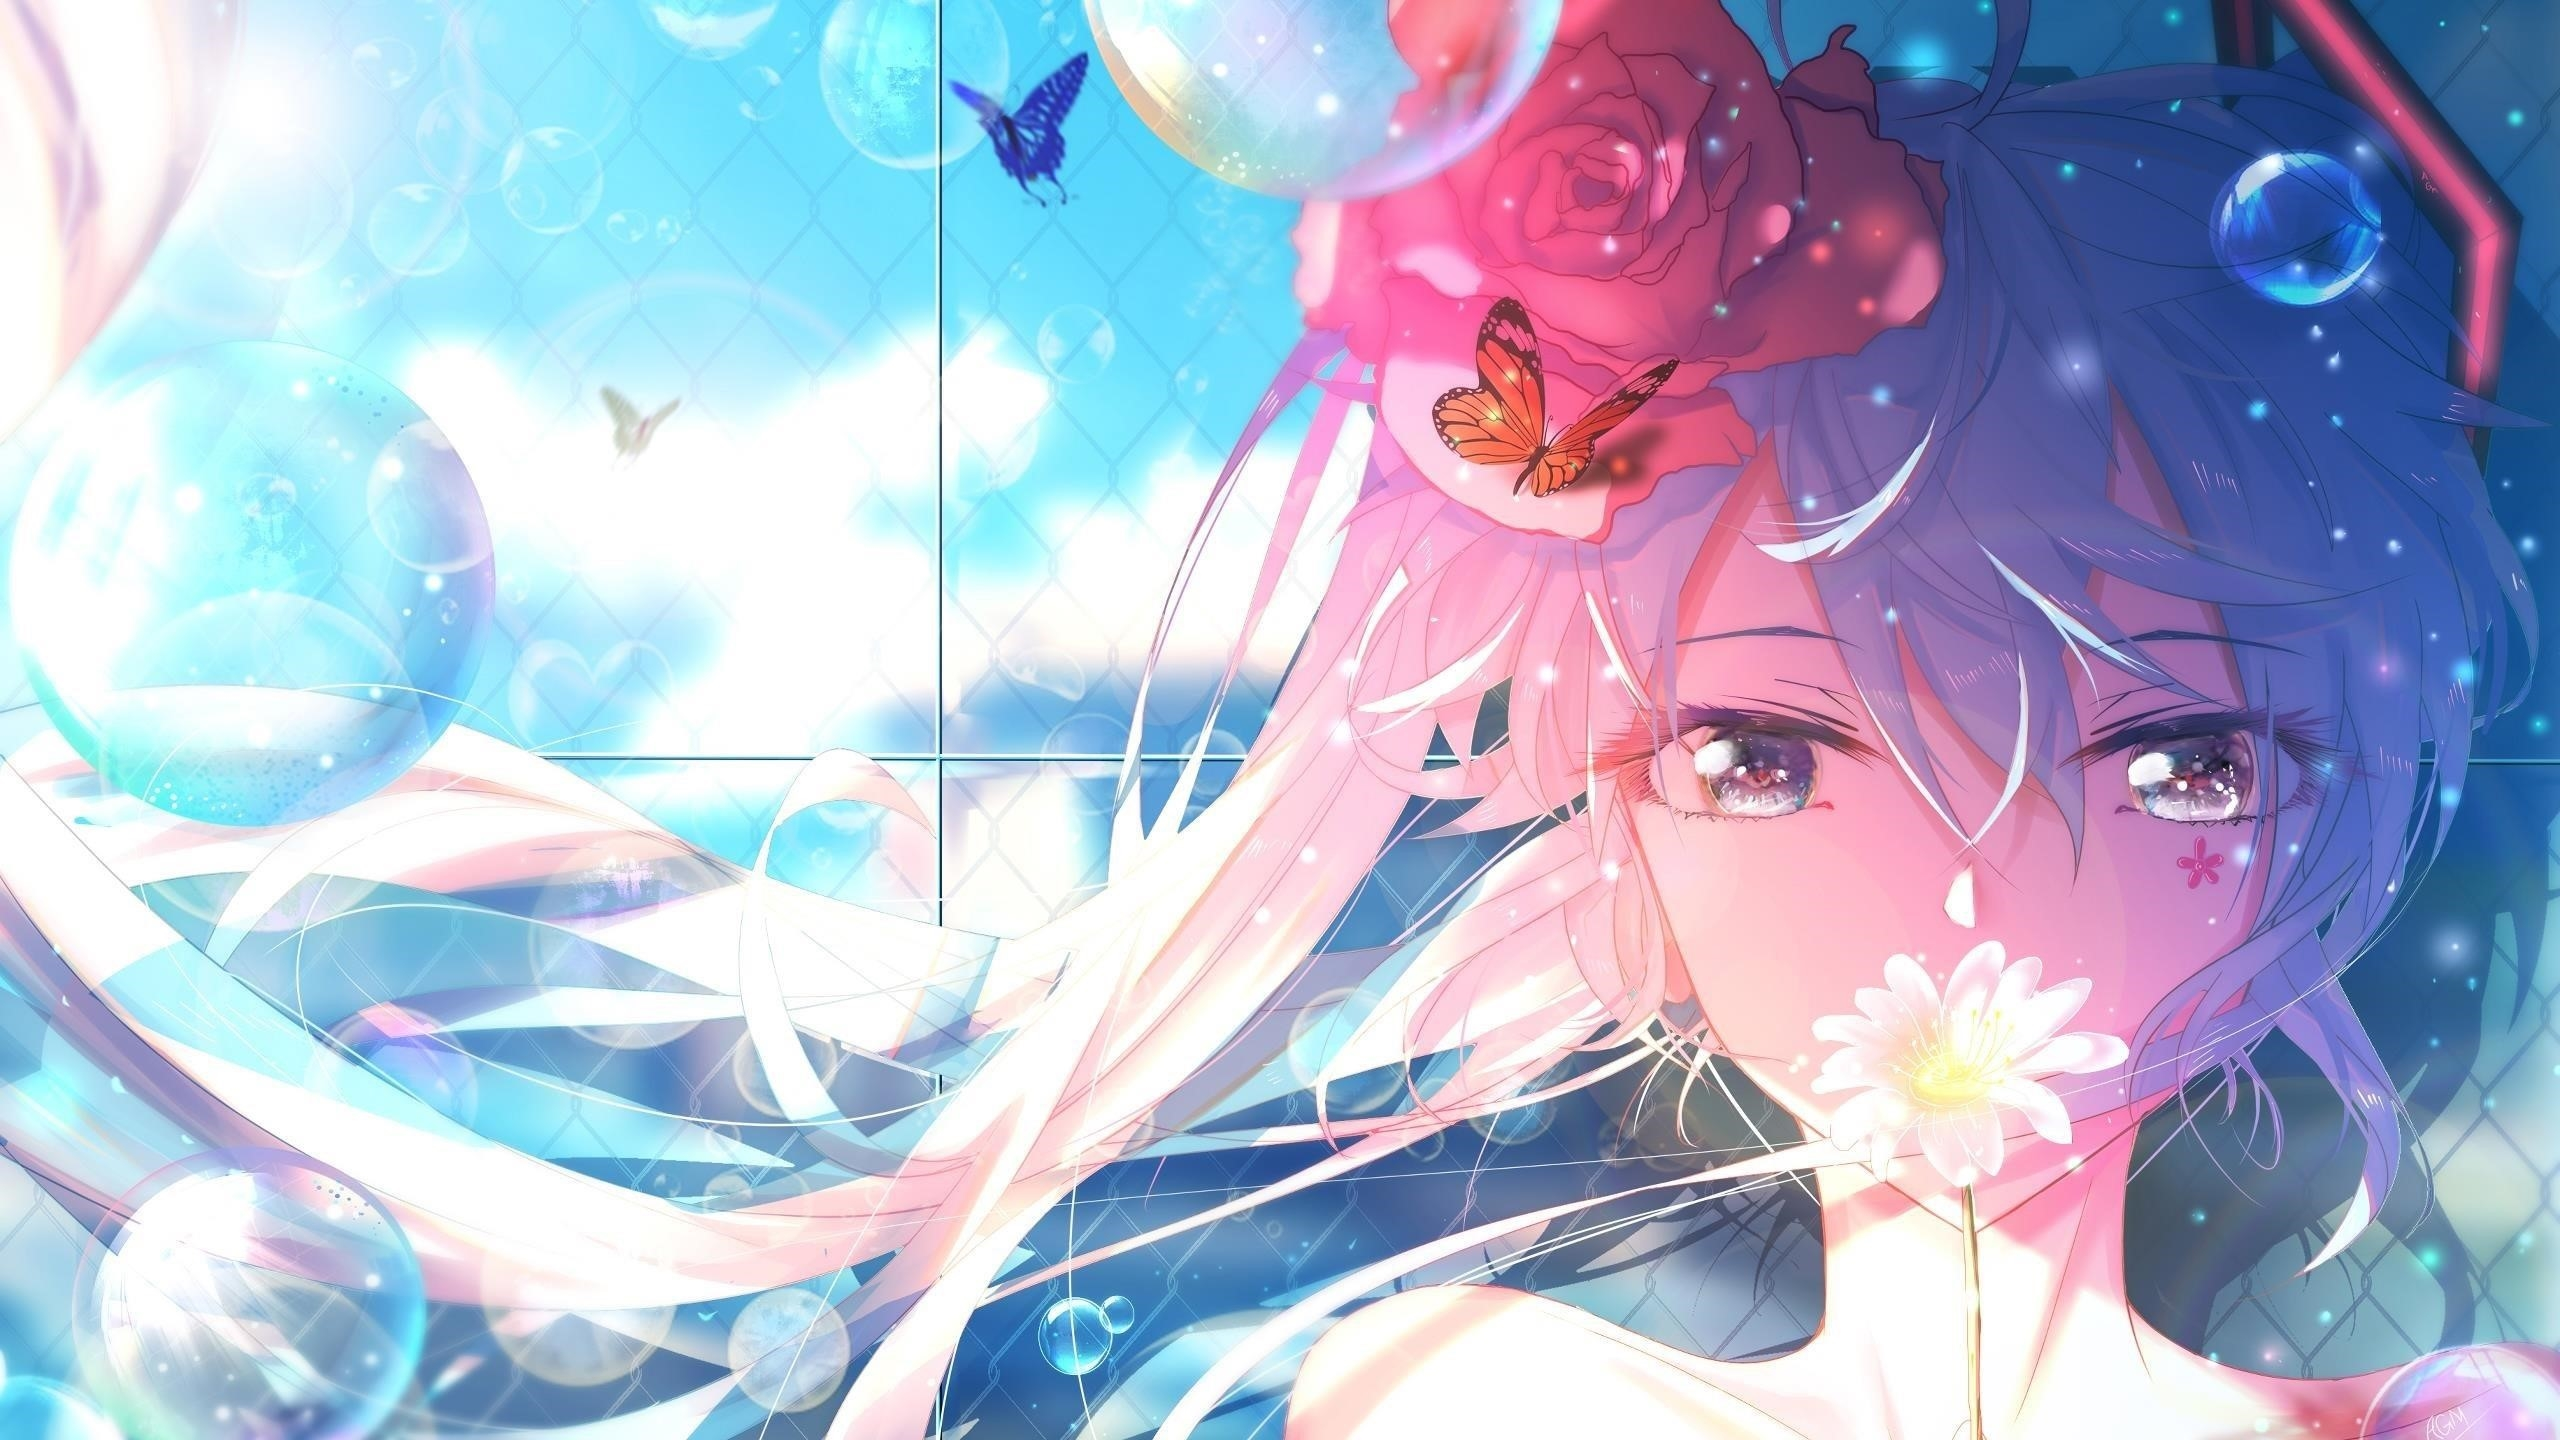 Miku anime girl обои скачать